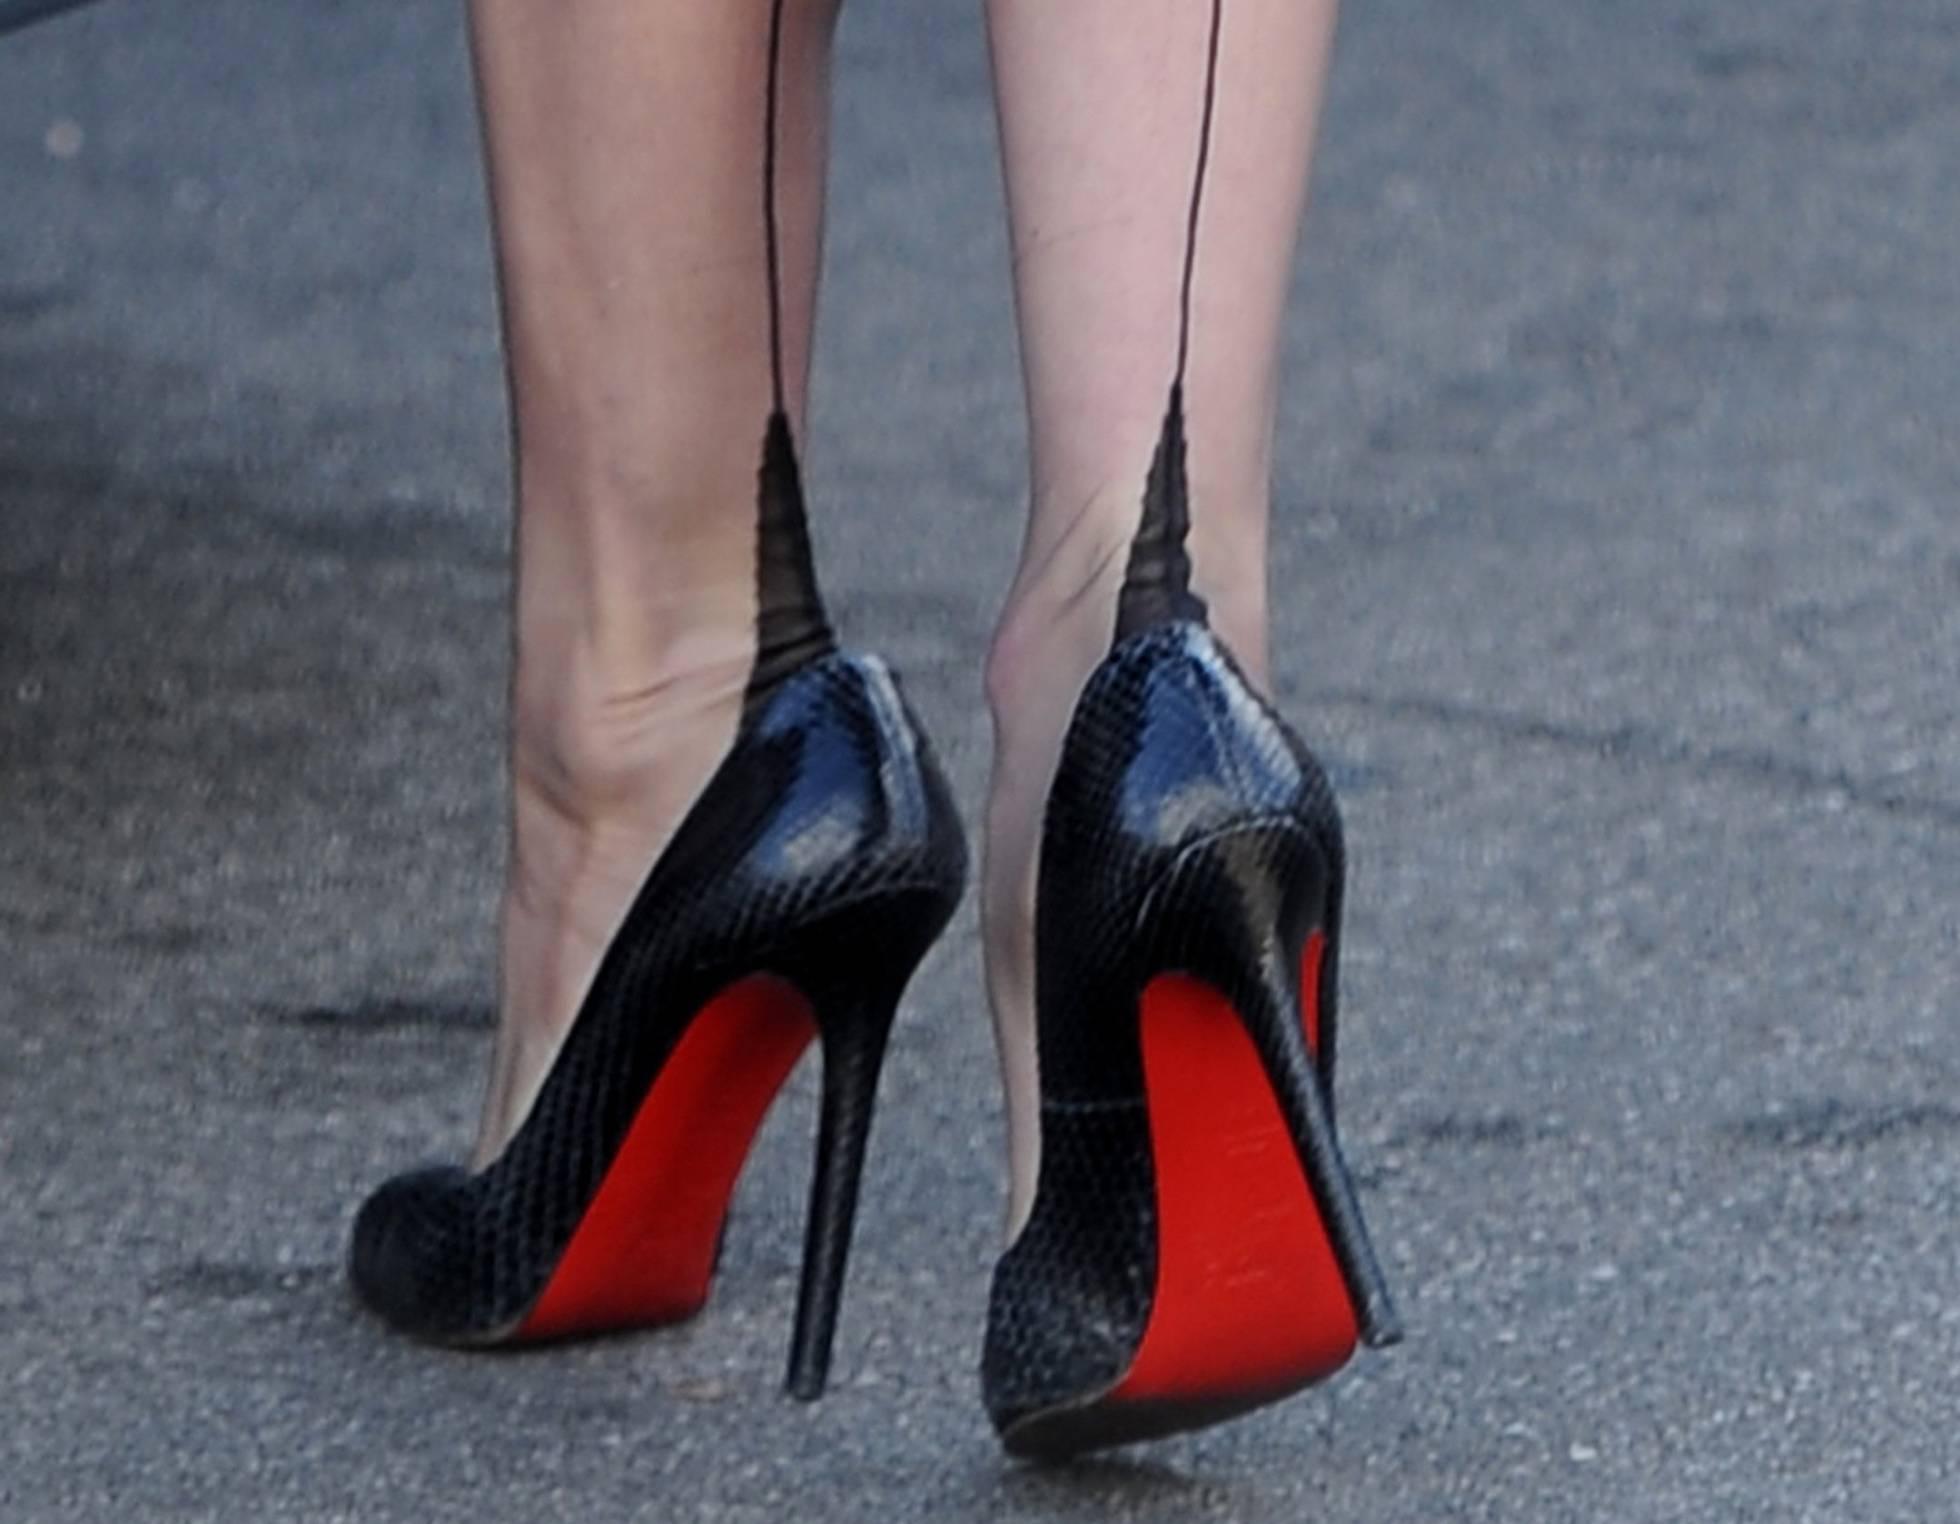 La justicia europea reconoce la exclusividad de Louboutin para las suelas rojas de los zapatos